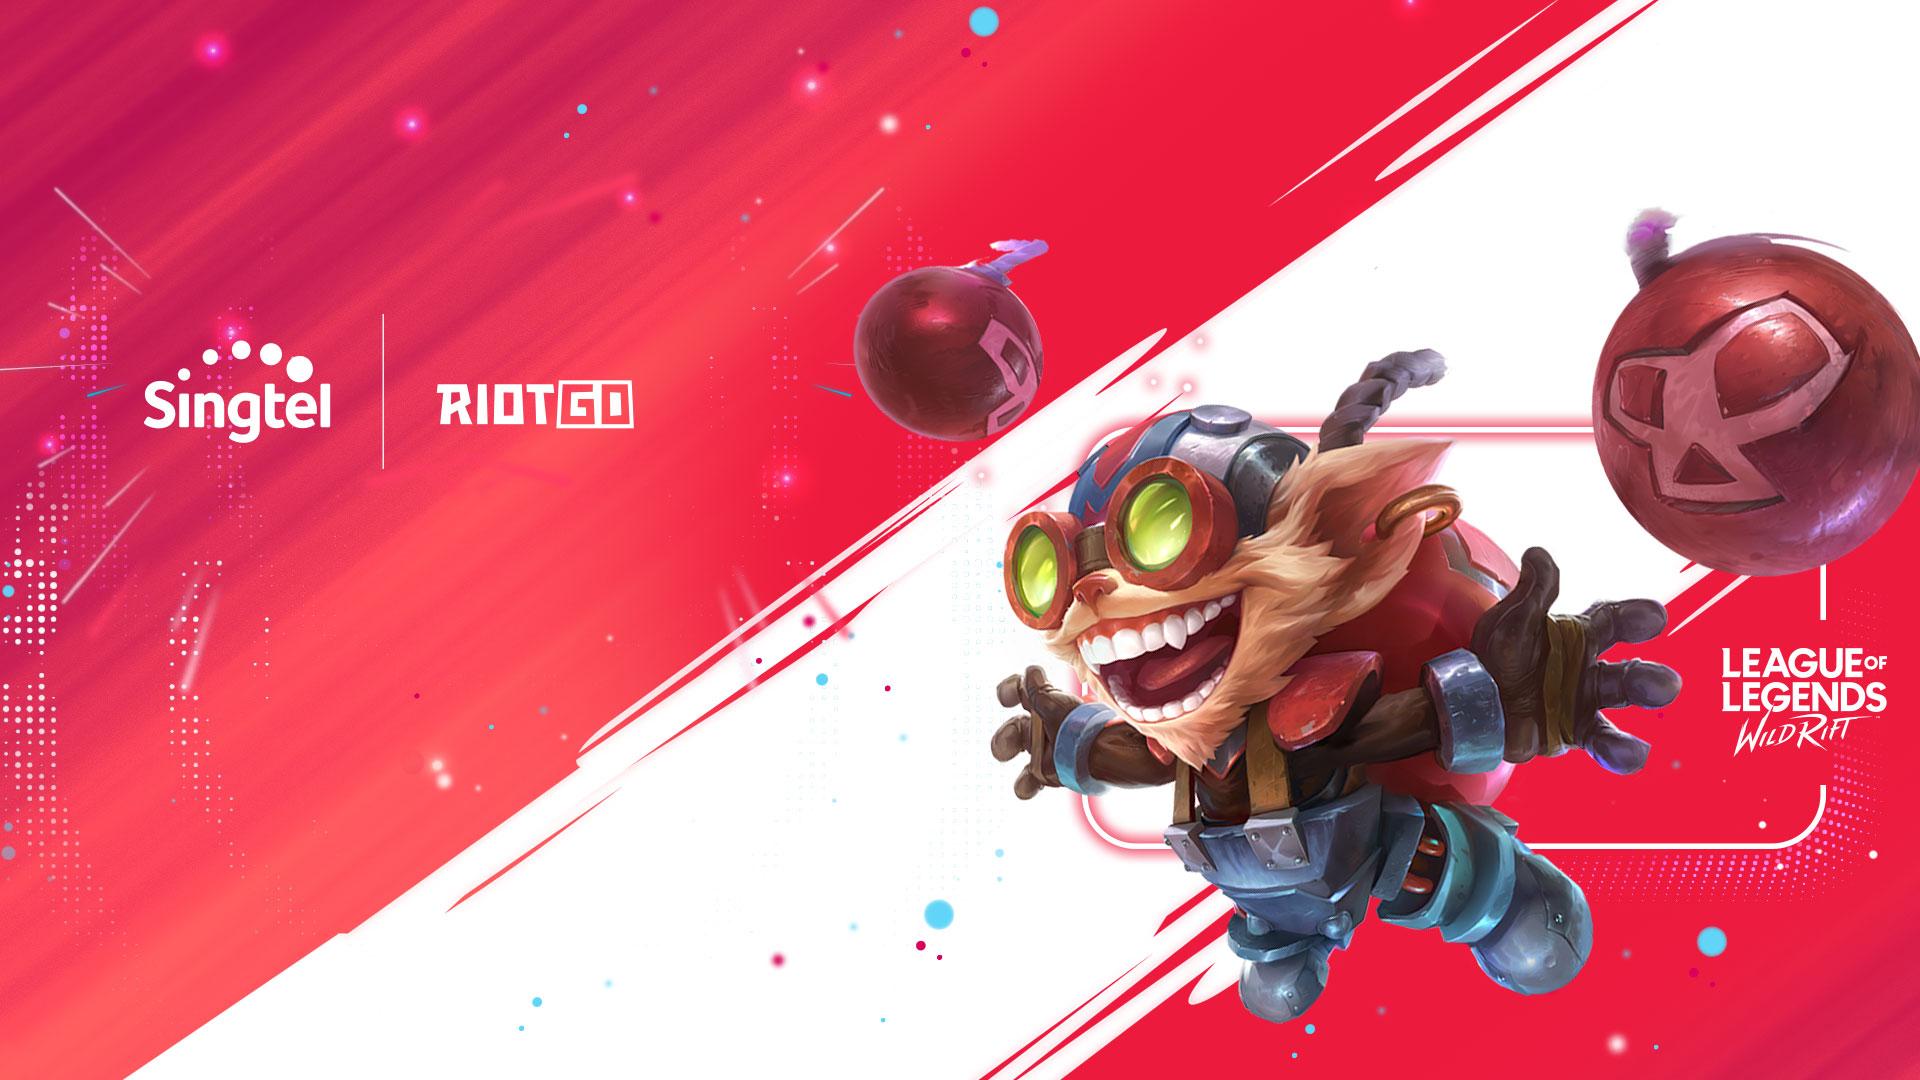 Introducing RiotGO with Singtel